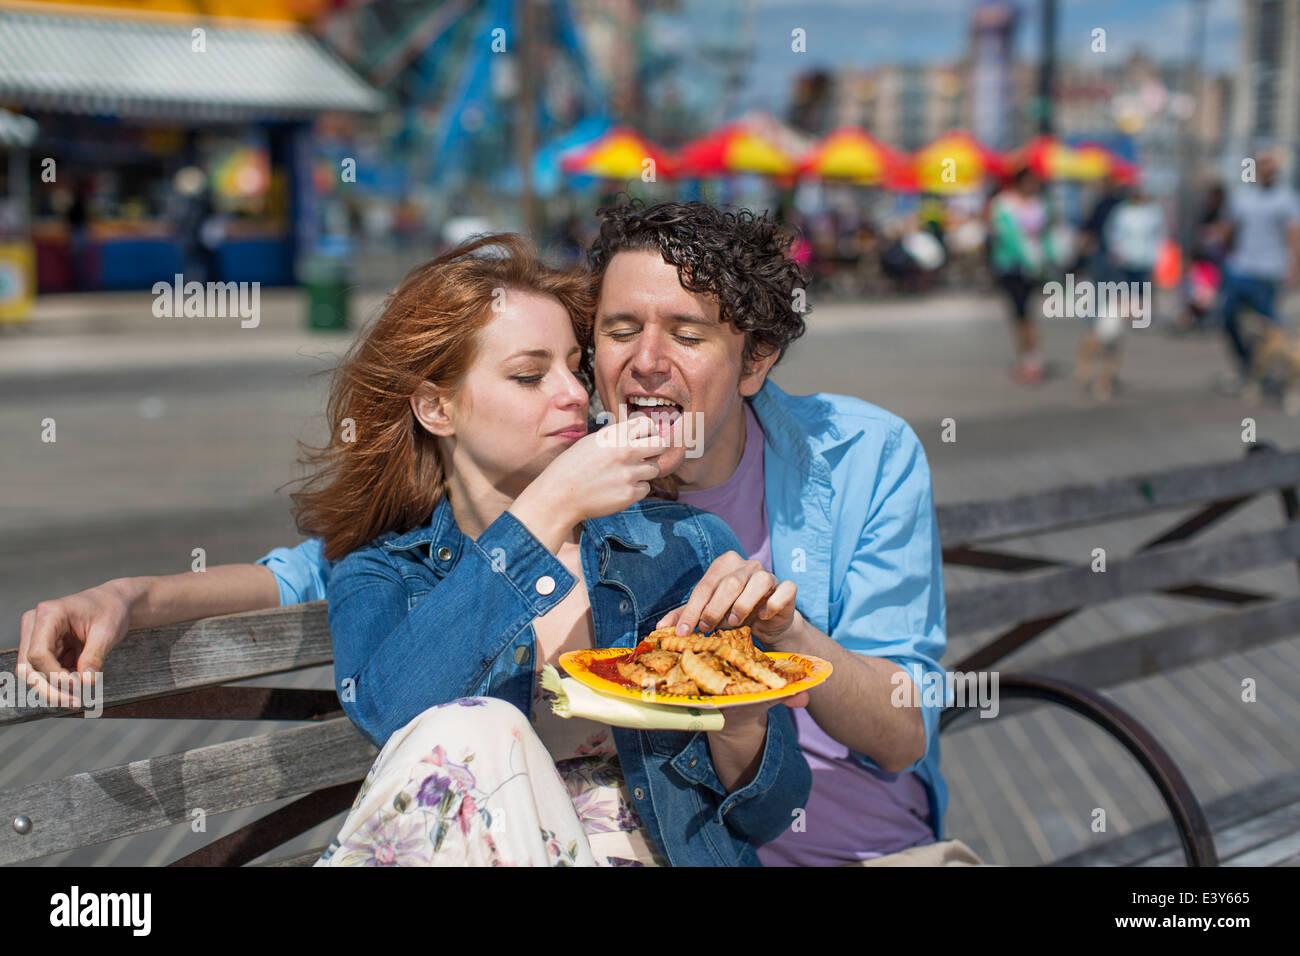 Coppia romantica mangiare patatine al parco di divertimenti Immagini Stock